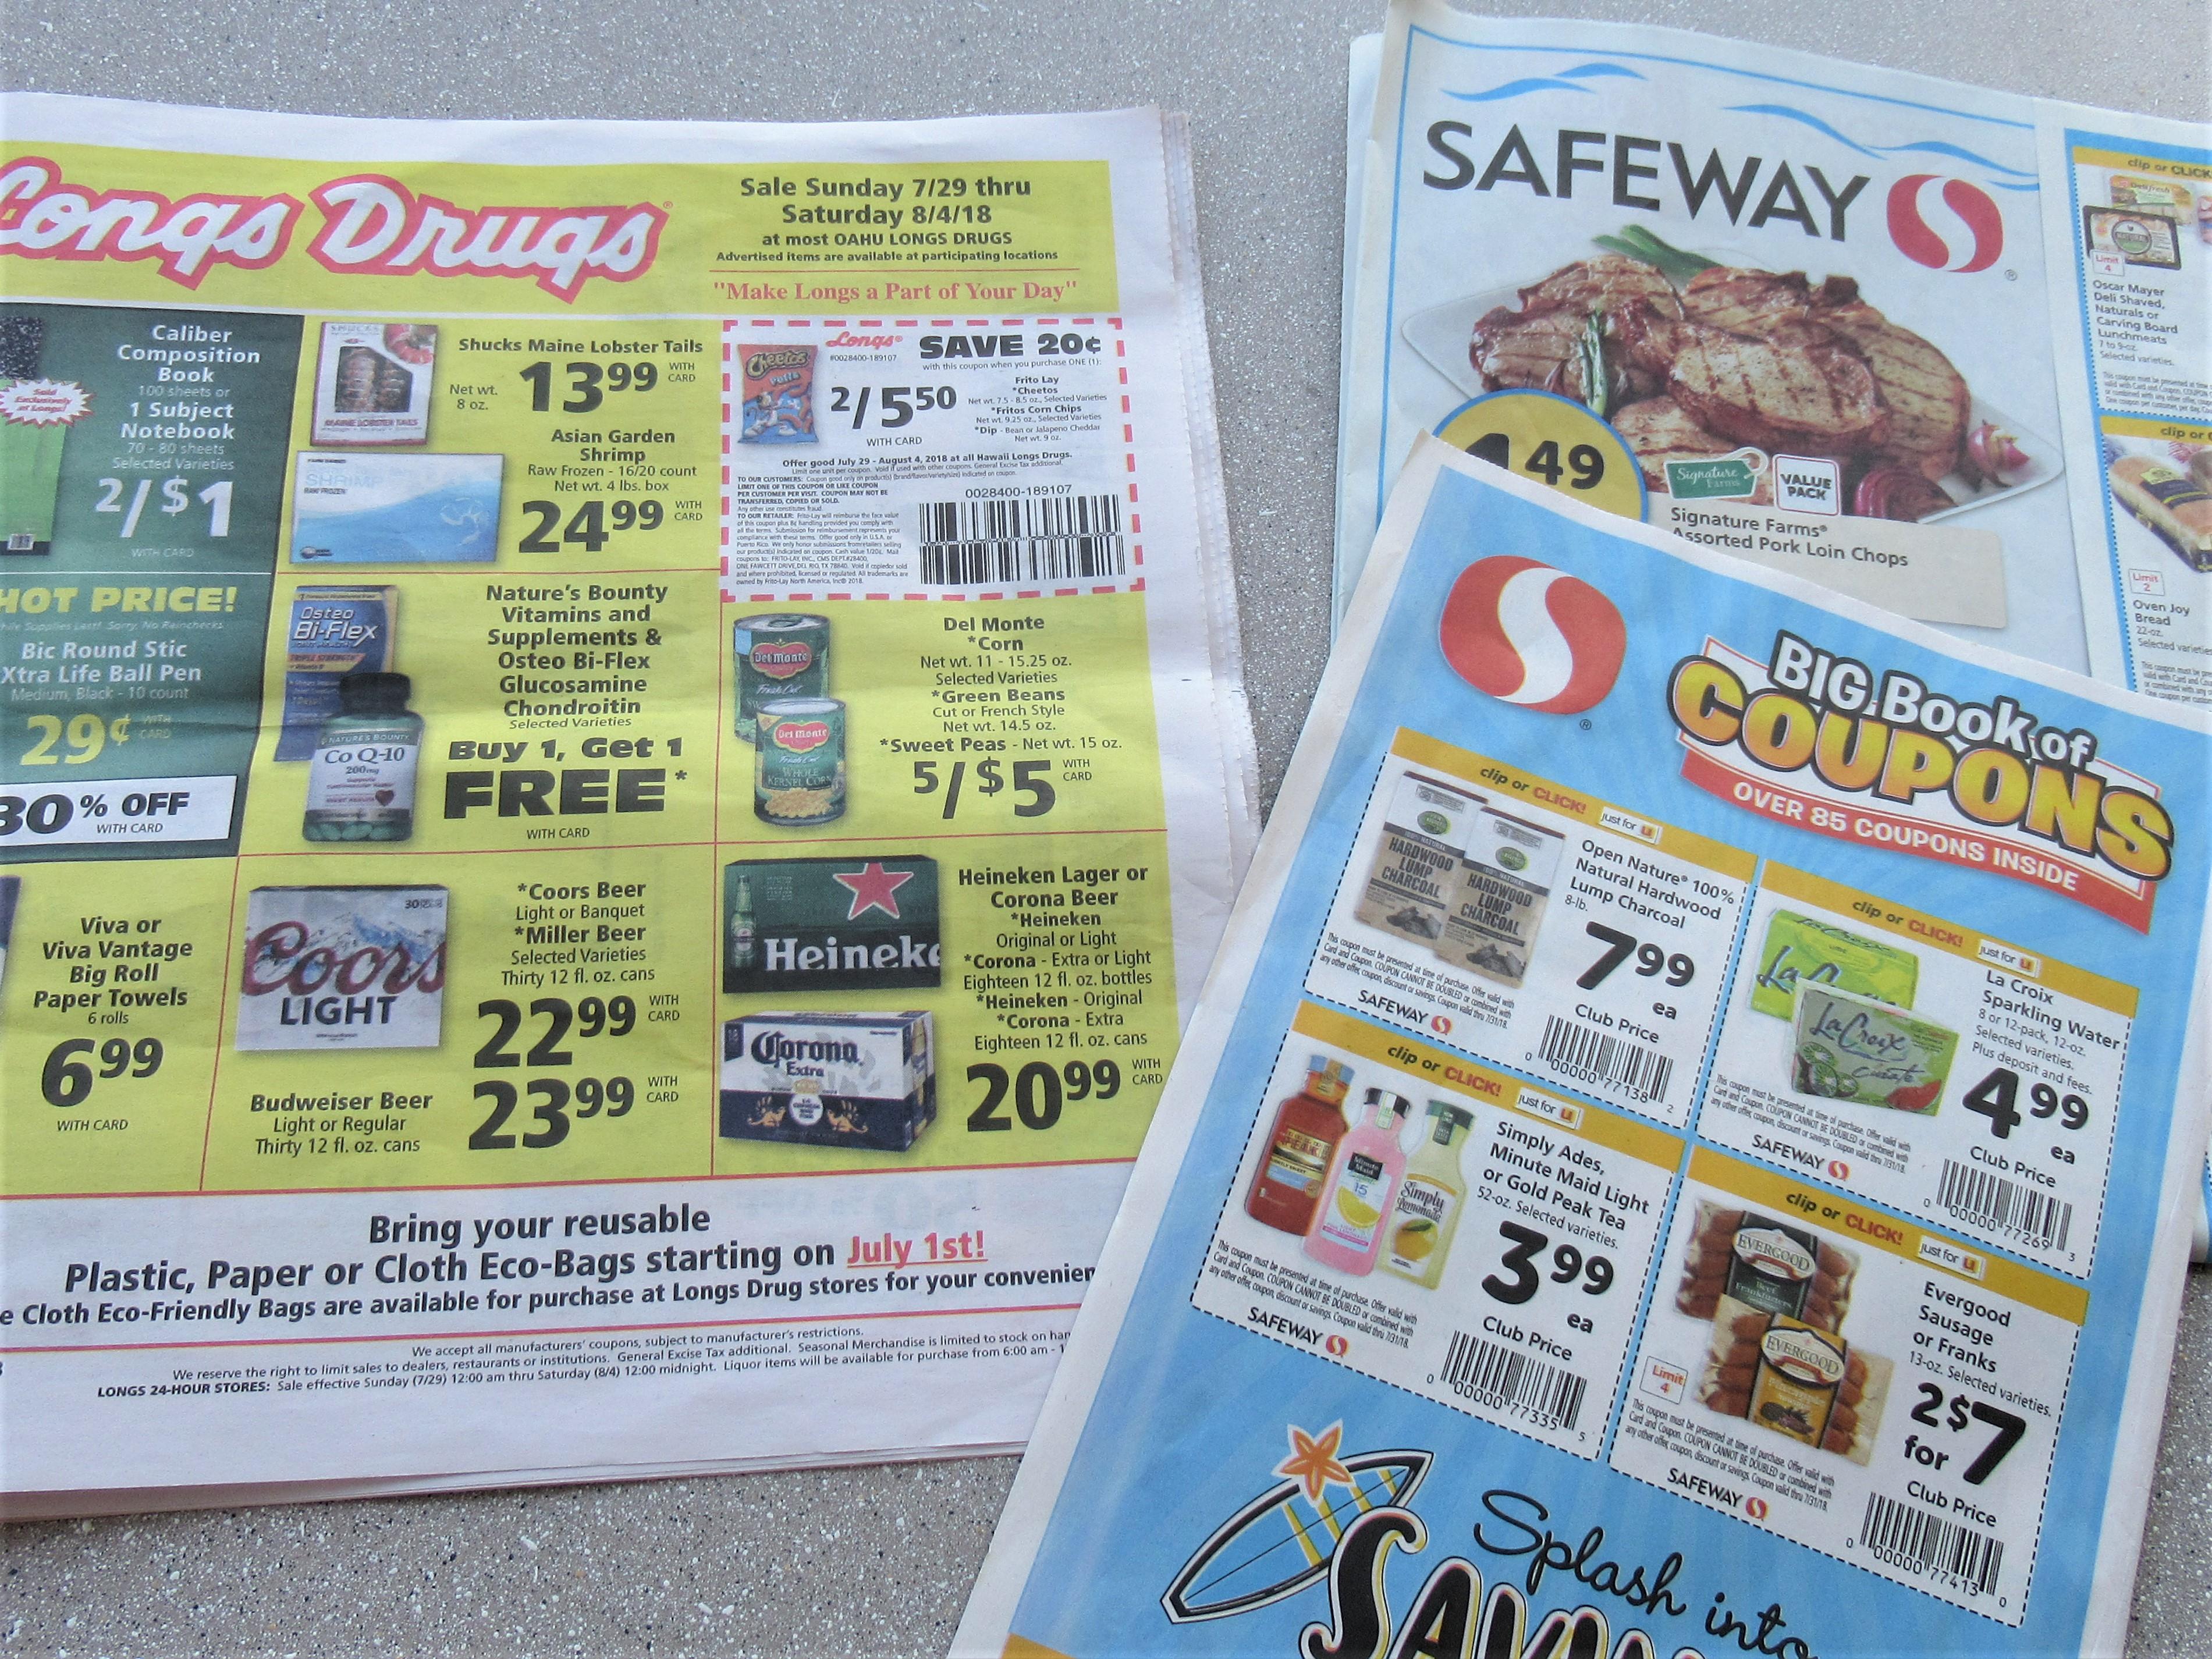 ハワイのロングドラックスとセーフウェイでお得に買い物する方法|子連れハワイブログ